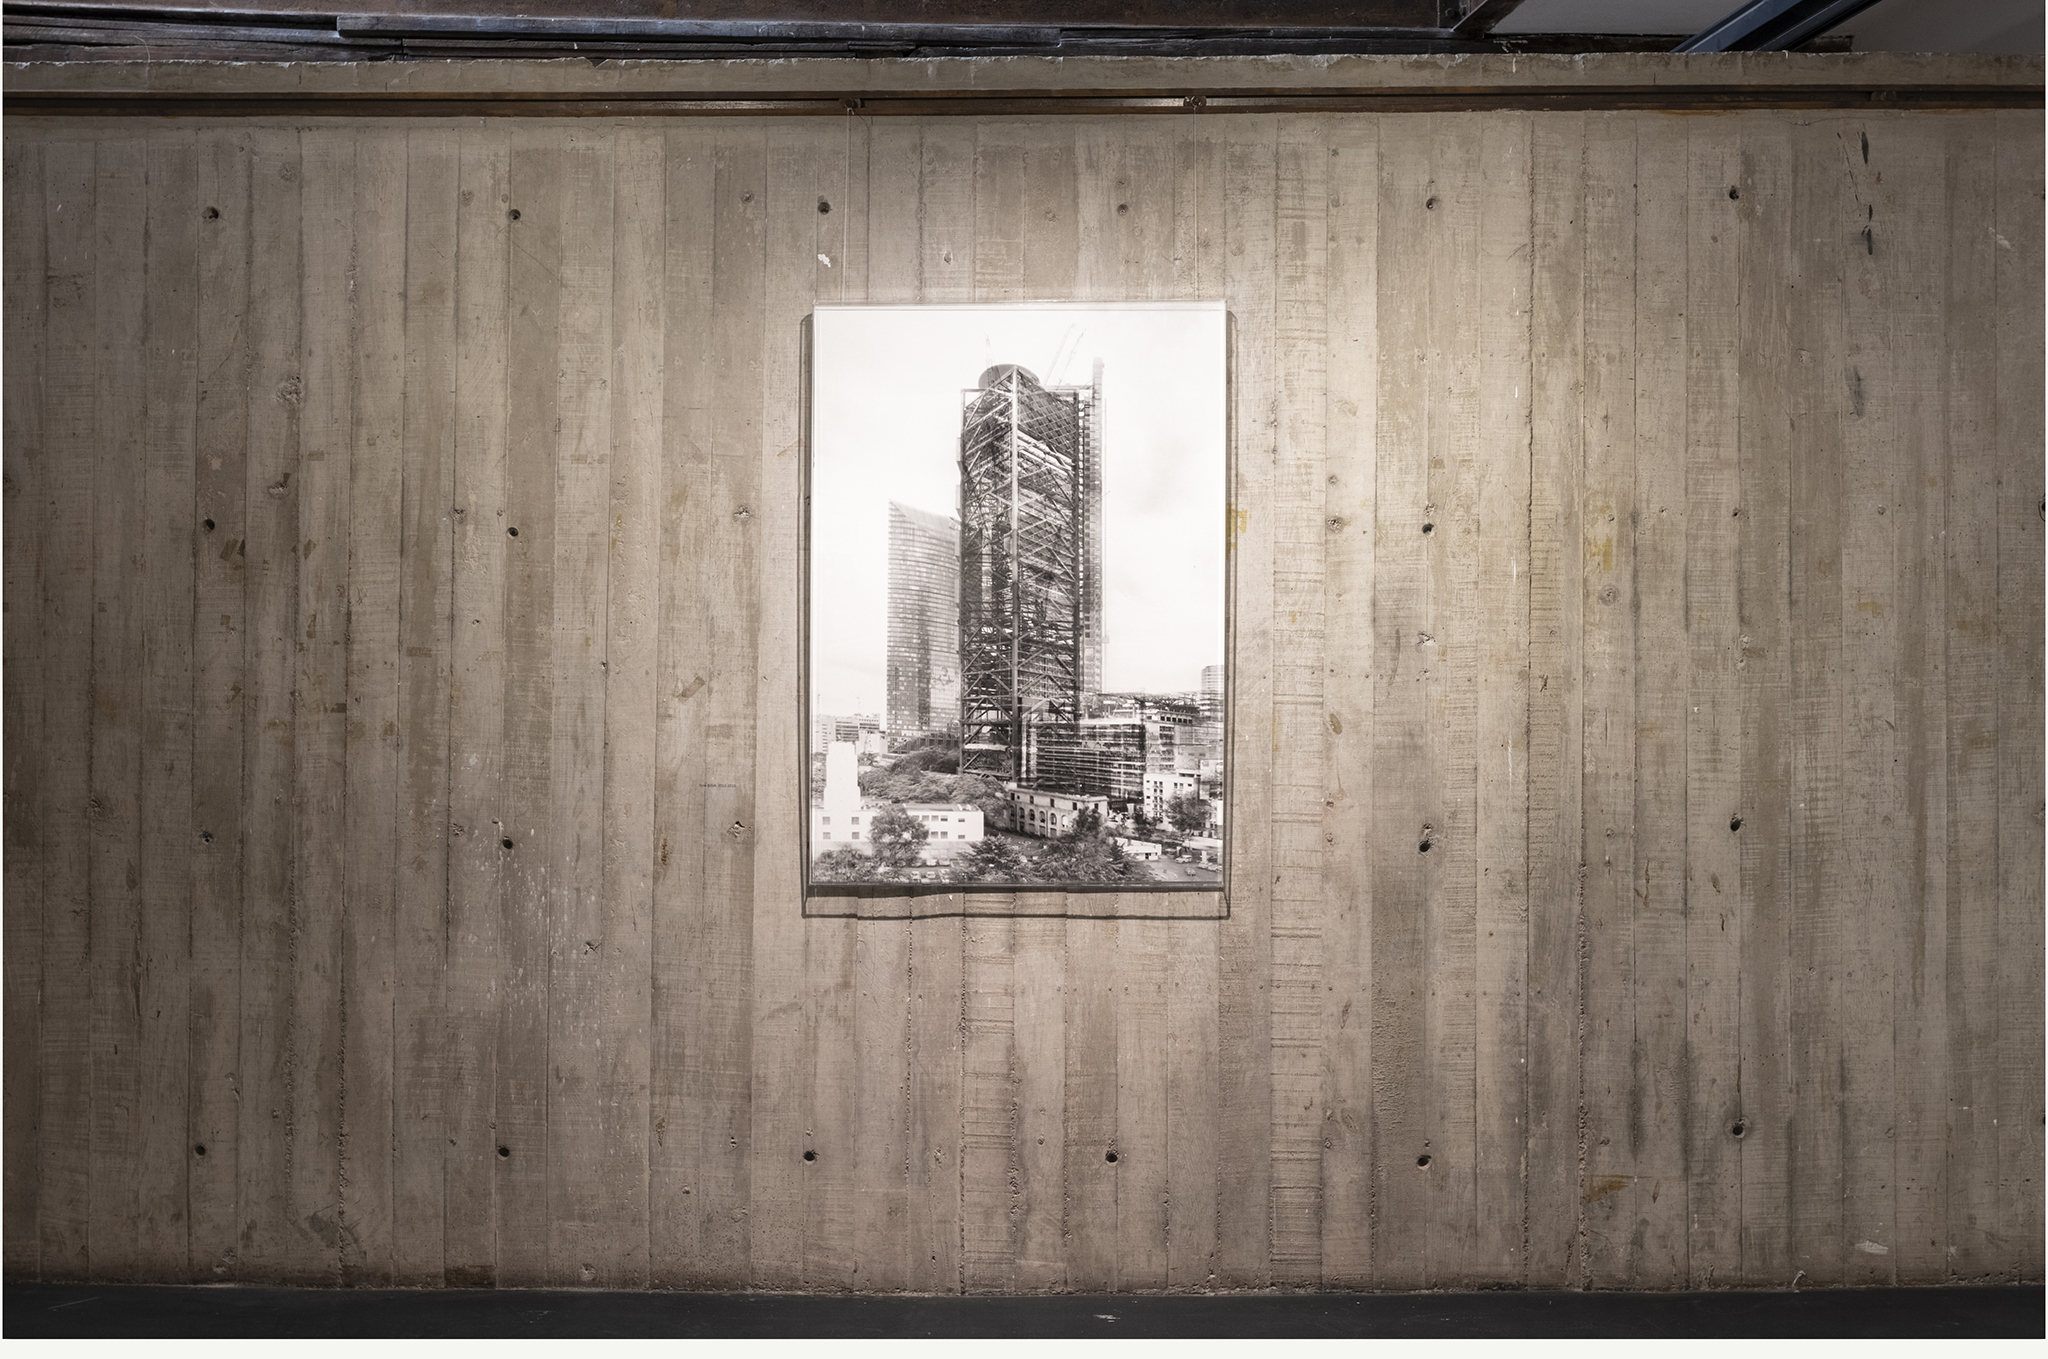 El Centro de la Imagen reabre sus puertas con dos exposiciones fotográficas entre ellos se encuentra el trabajo de Centro de la Imagen